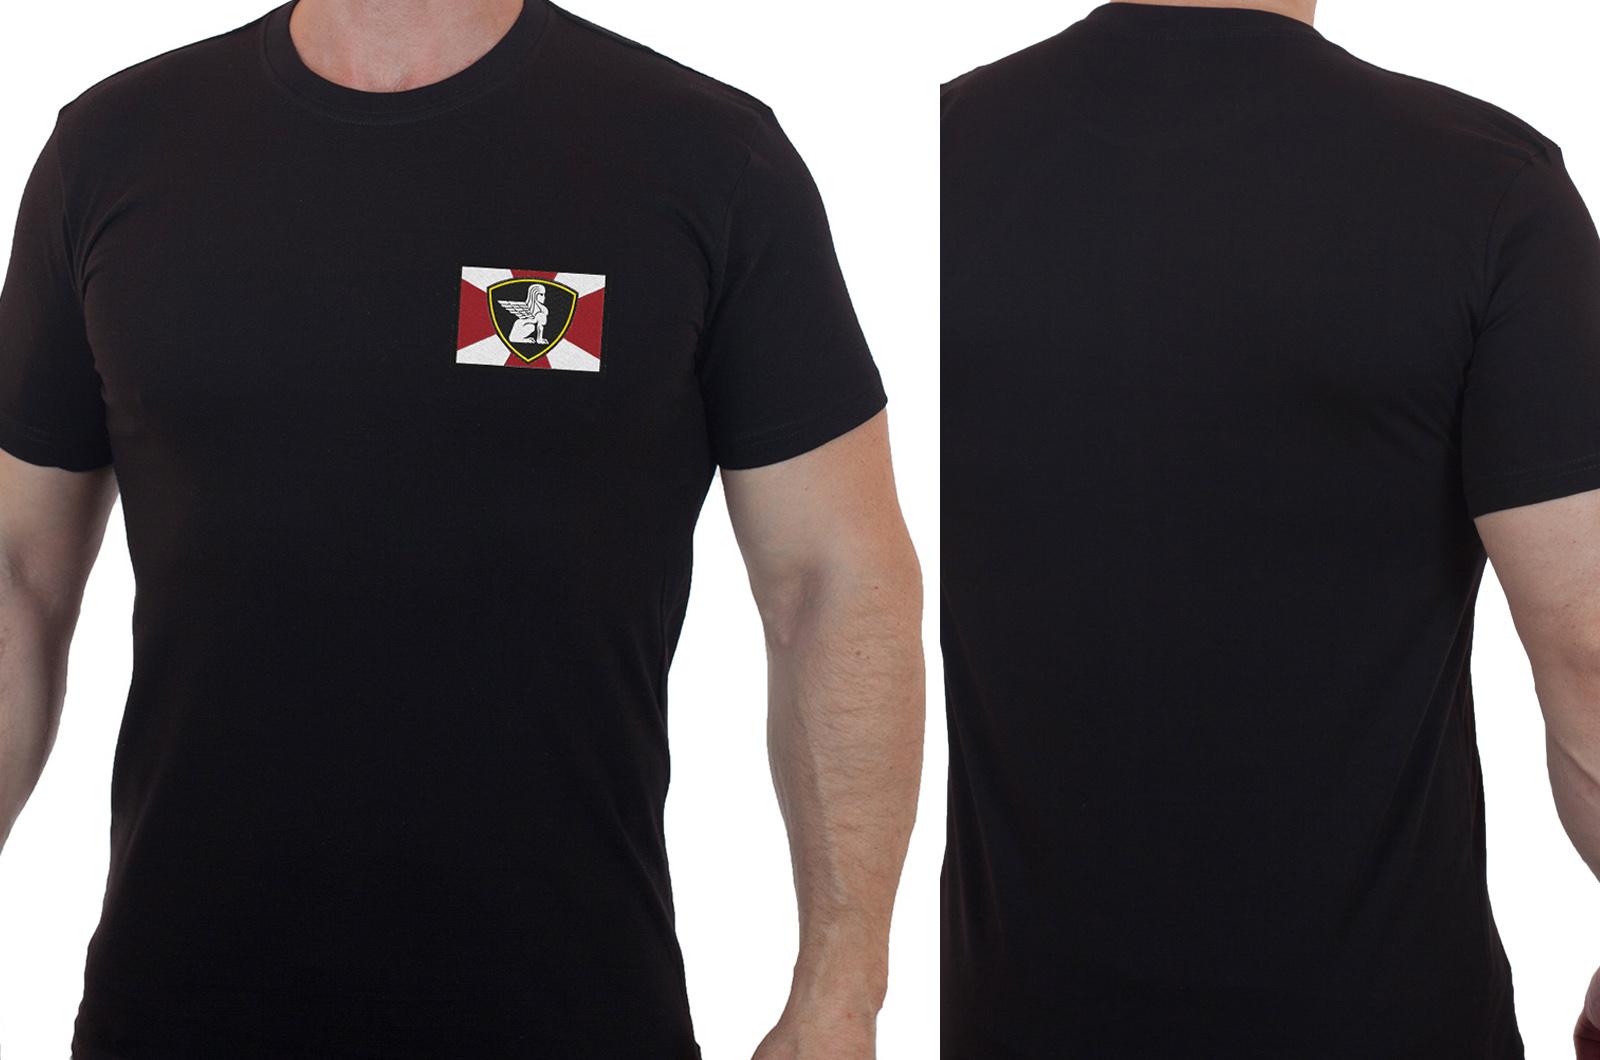 Мужская футболка с вышитым шевроном Северо-Западный округ МВД - купить в подарок